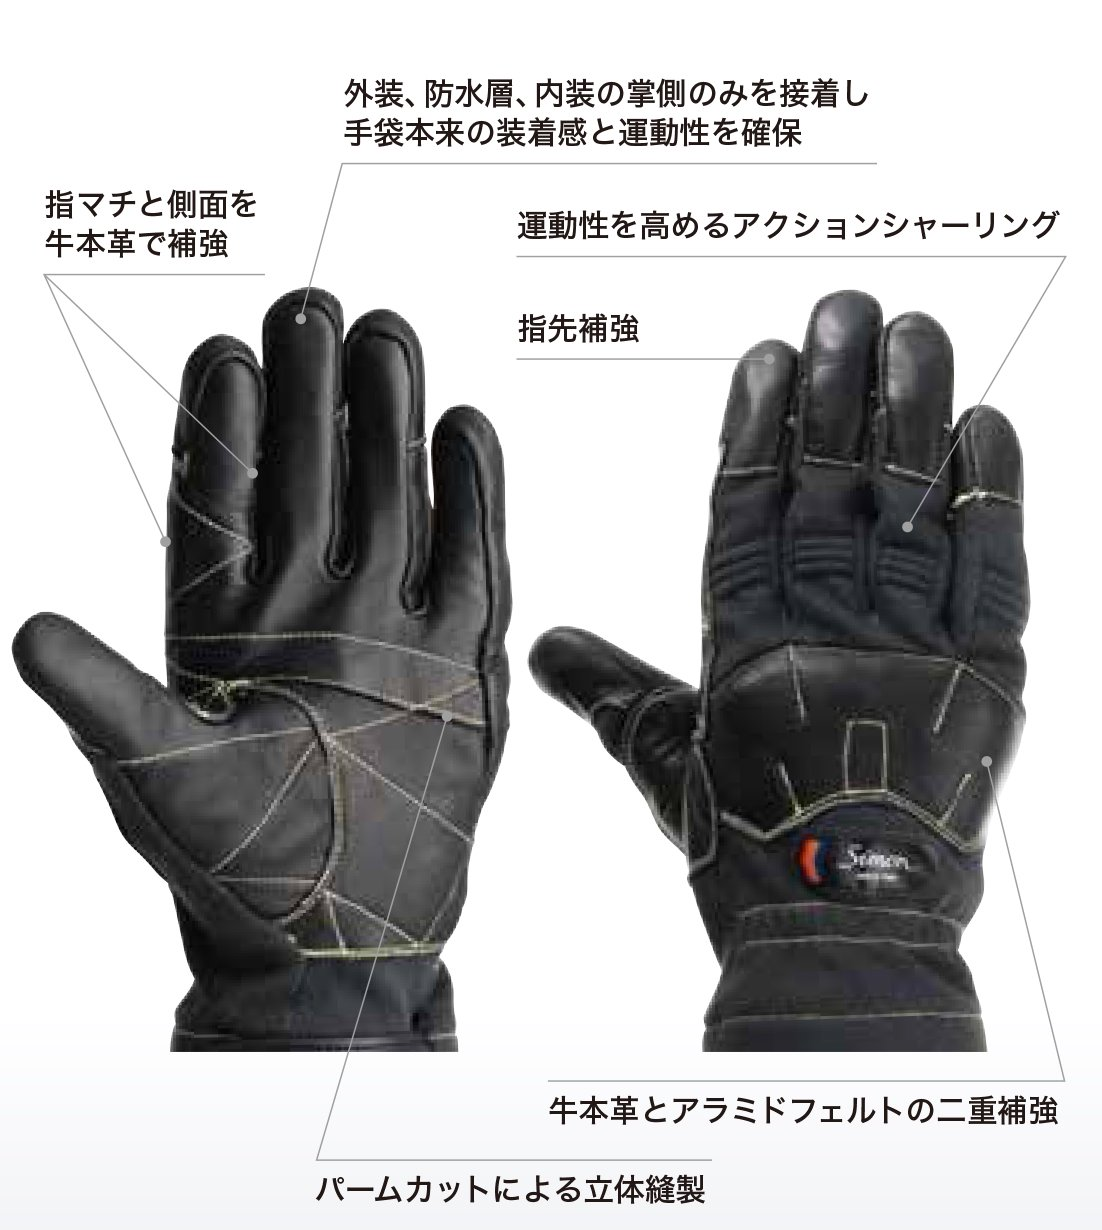 シモン 防火手袋 KG-180 【新ガイドライン対応】【画像3】